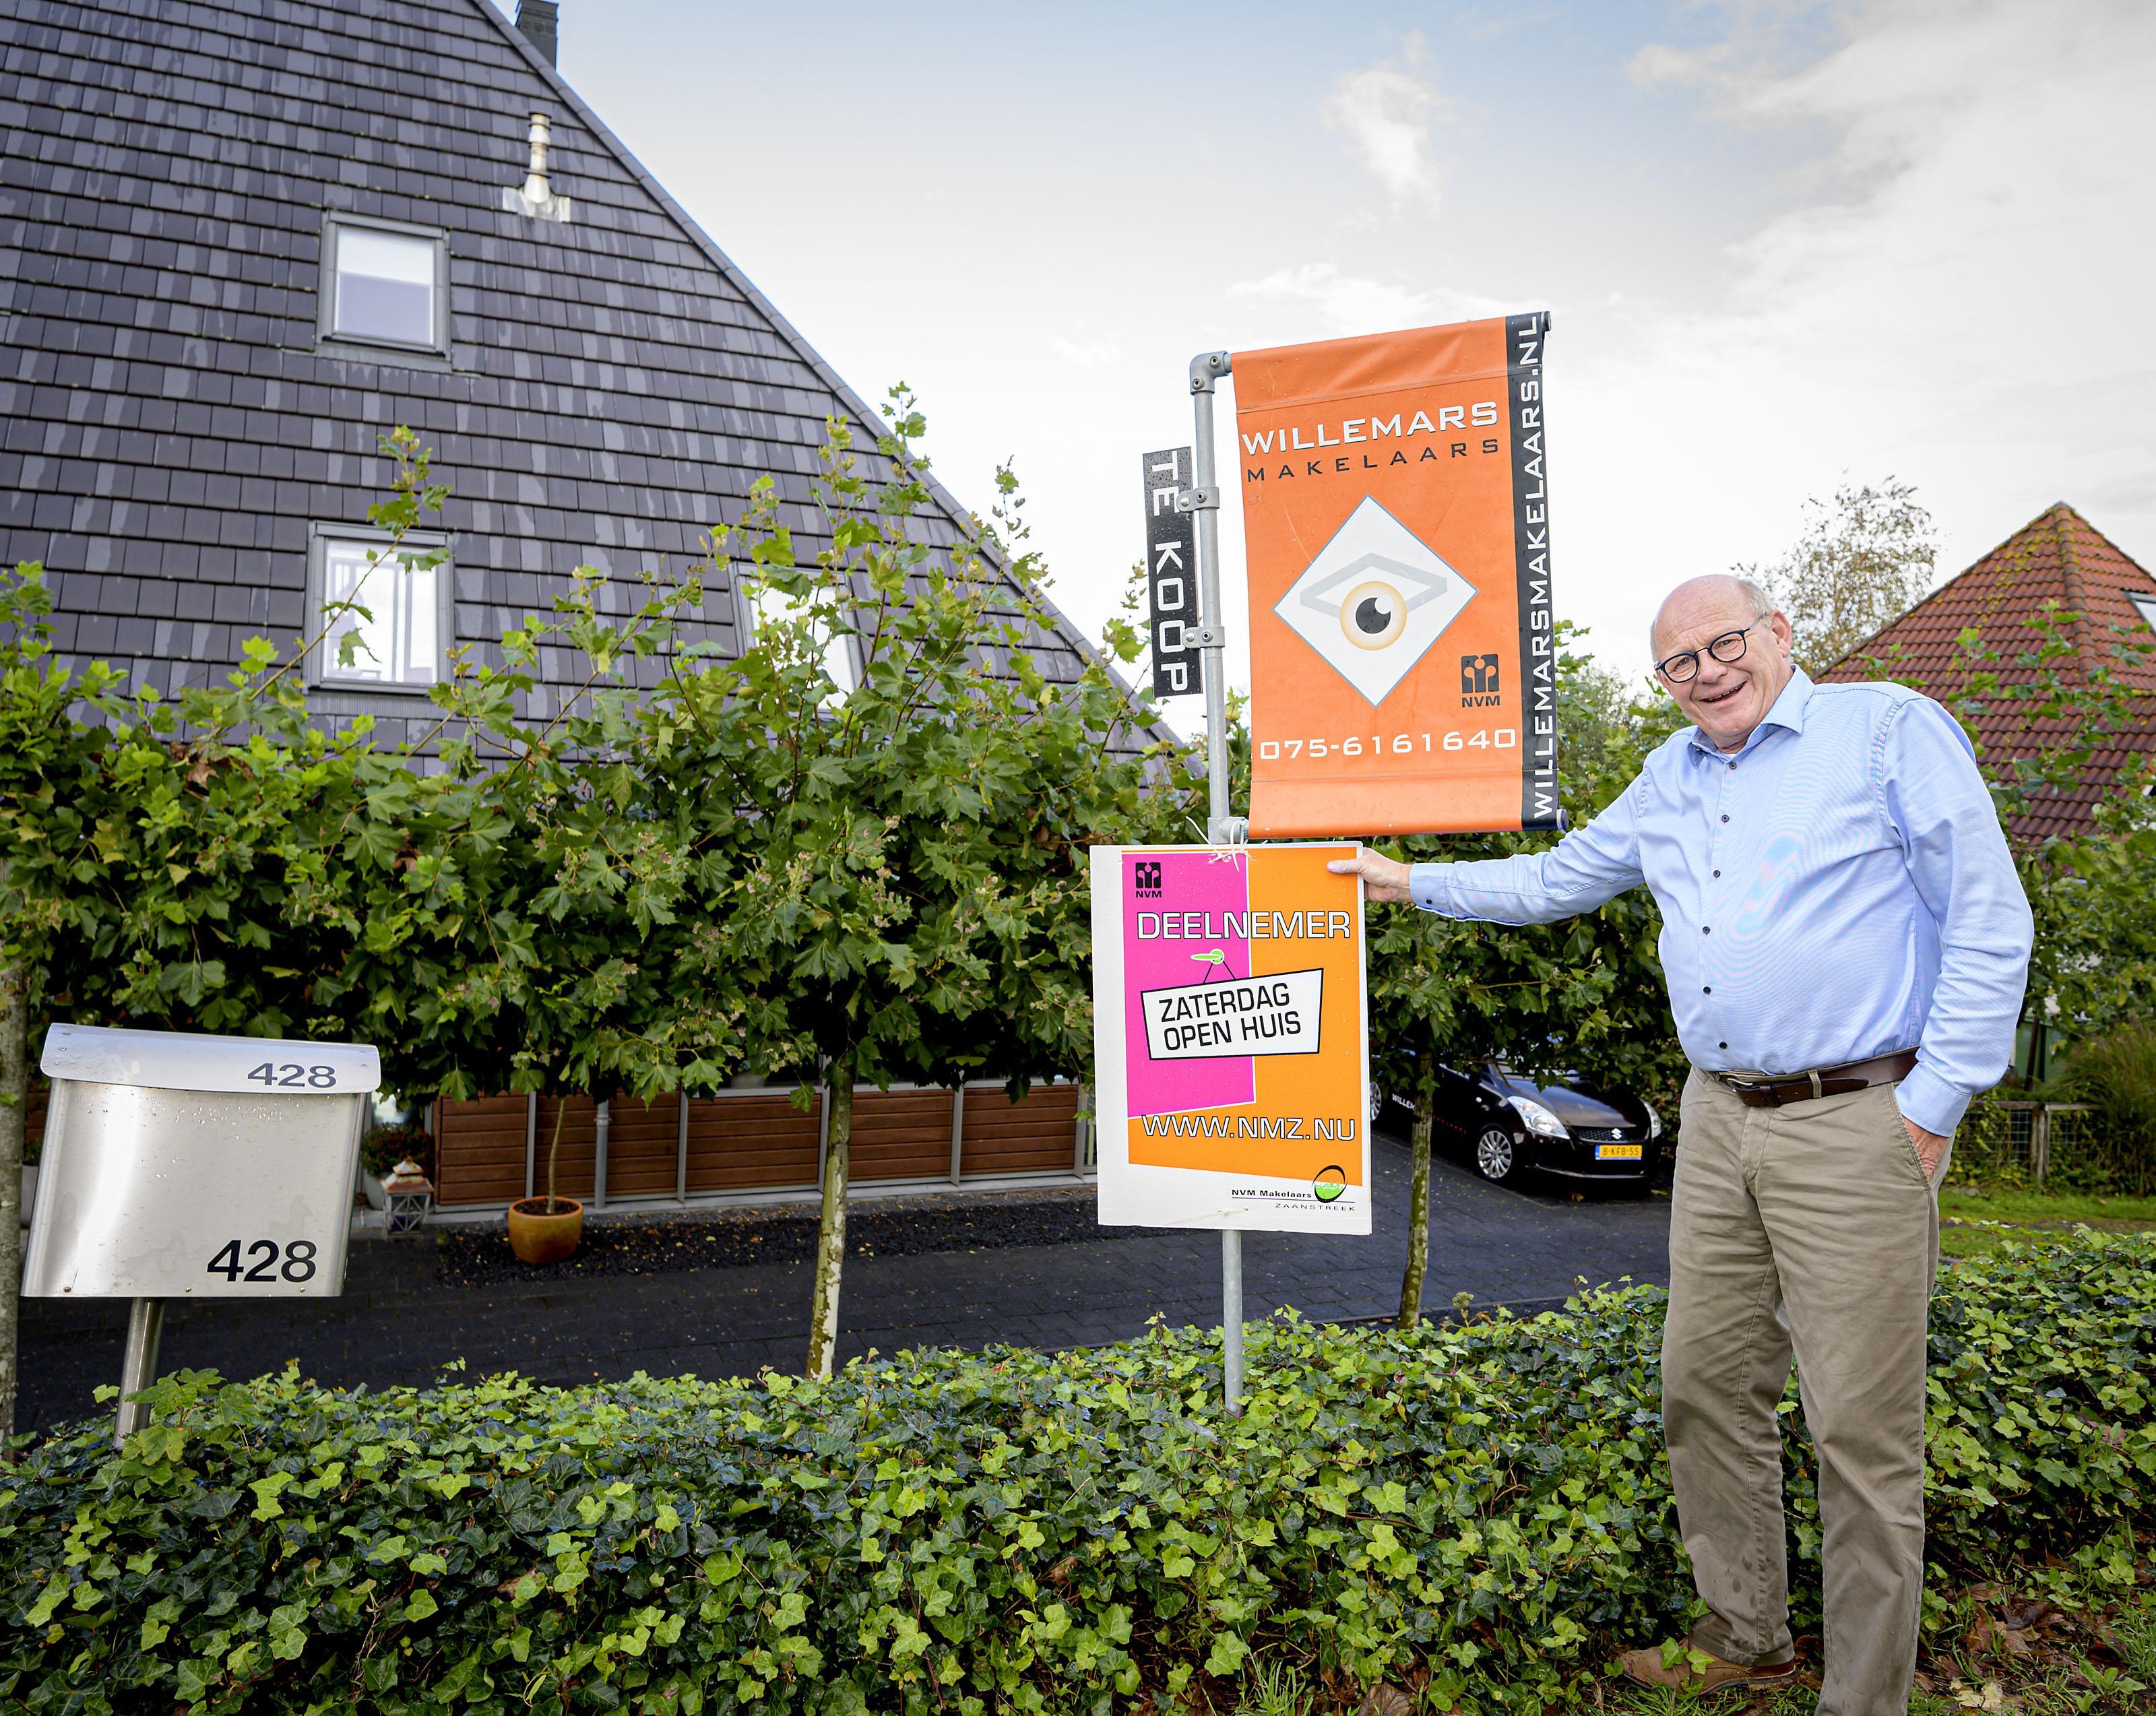 Makelaars voorspellen: 'Krapte op de huizenmarkt in Zaanstreek-Waterland neemt alleen maar toe en prijzen gaan nog verder omhoog'